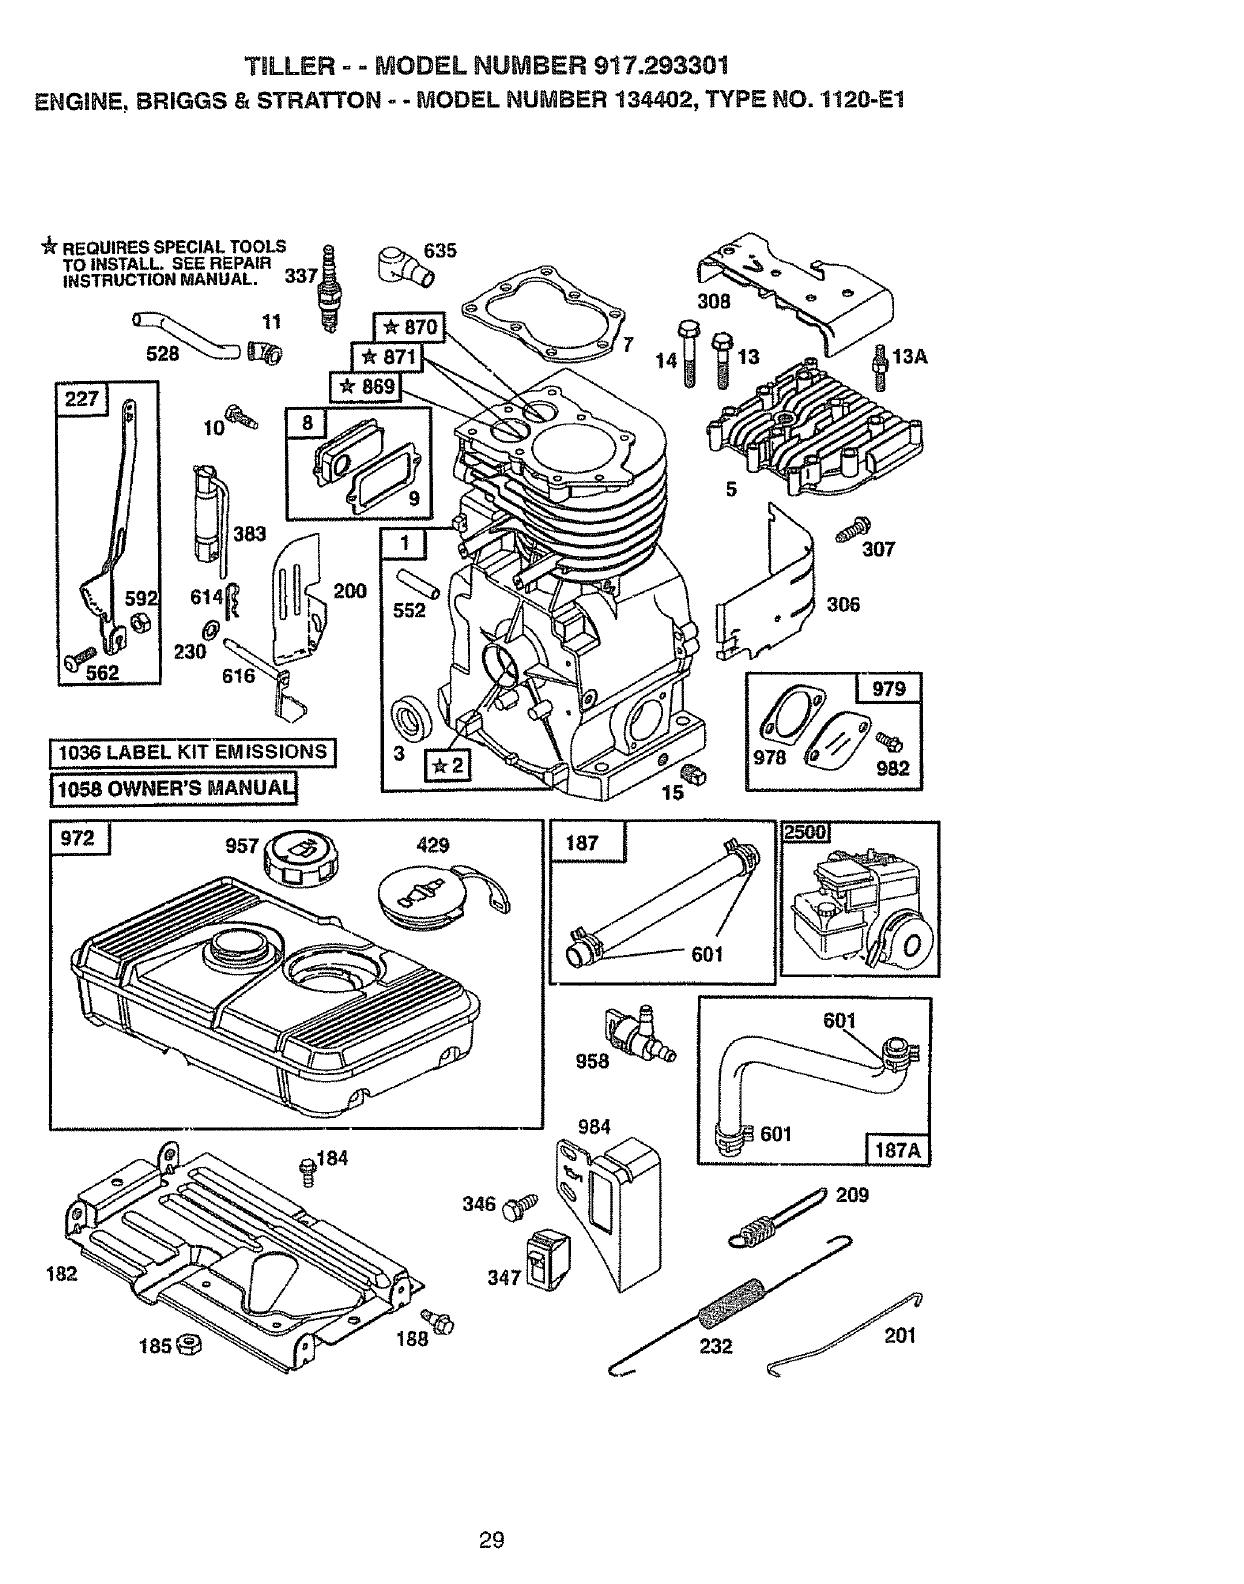 Page 29 of Craftsman Tiller 917.293301 User Guide